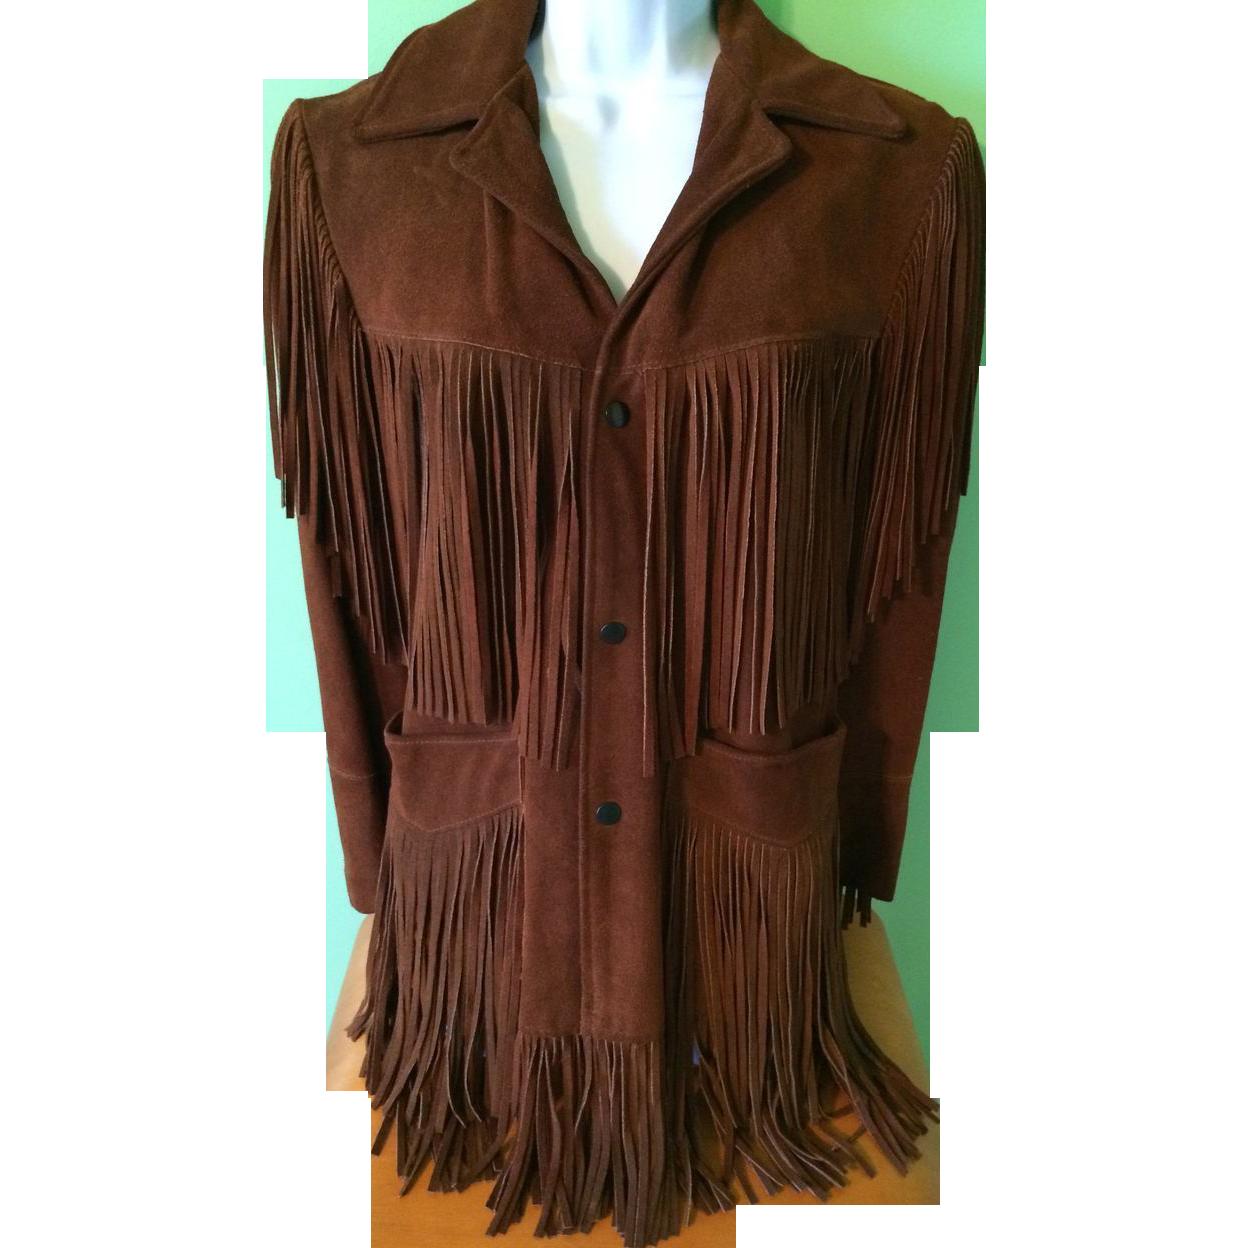 vintage joo kay leather suede fring jacket western hippie boho sold on ruby lane. Black Bedroom Furniture Sets. Home Design Ideas